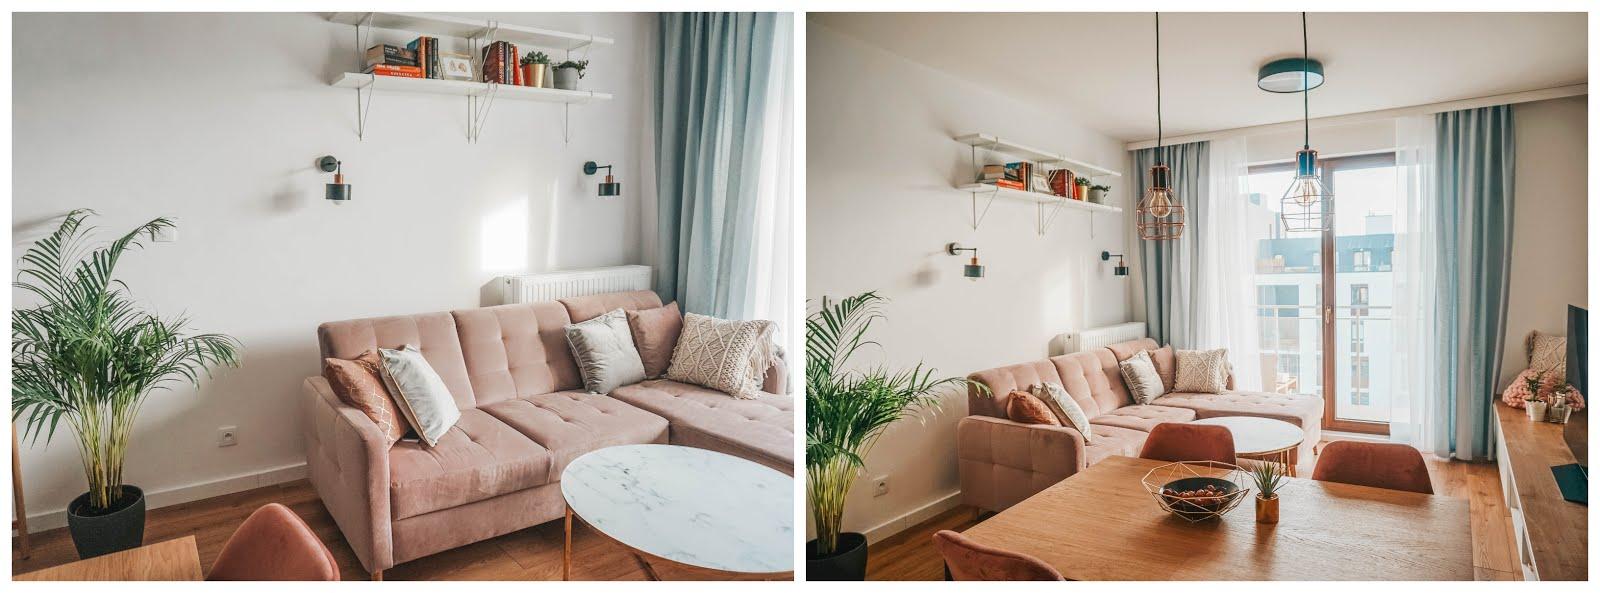 salon-inspiracje-mieszkanie